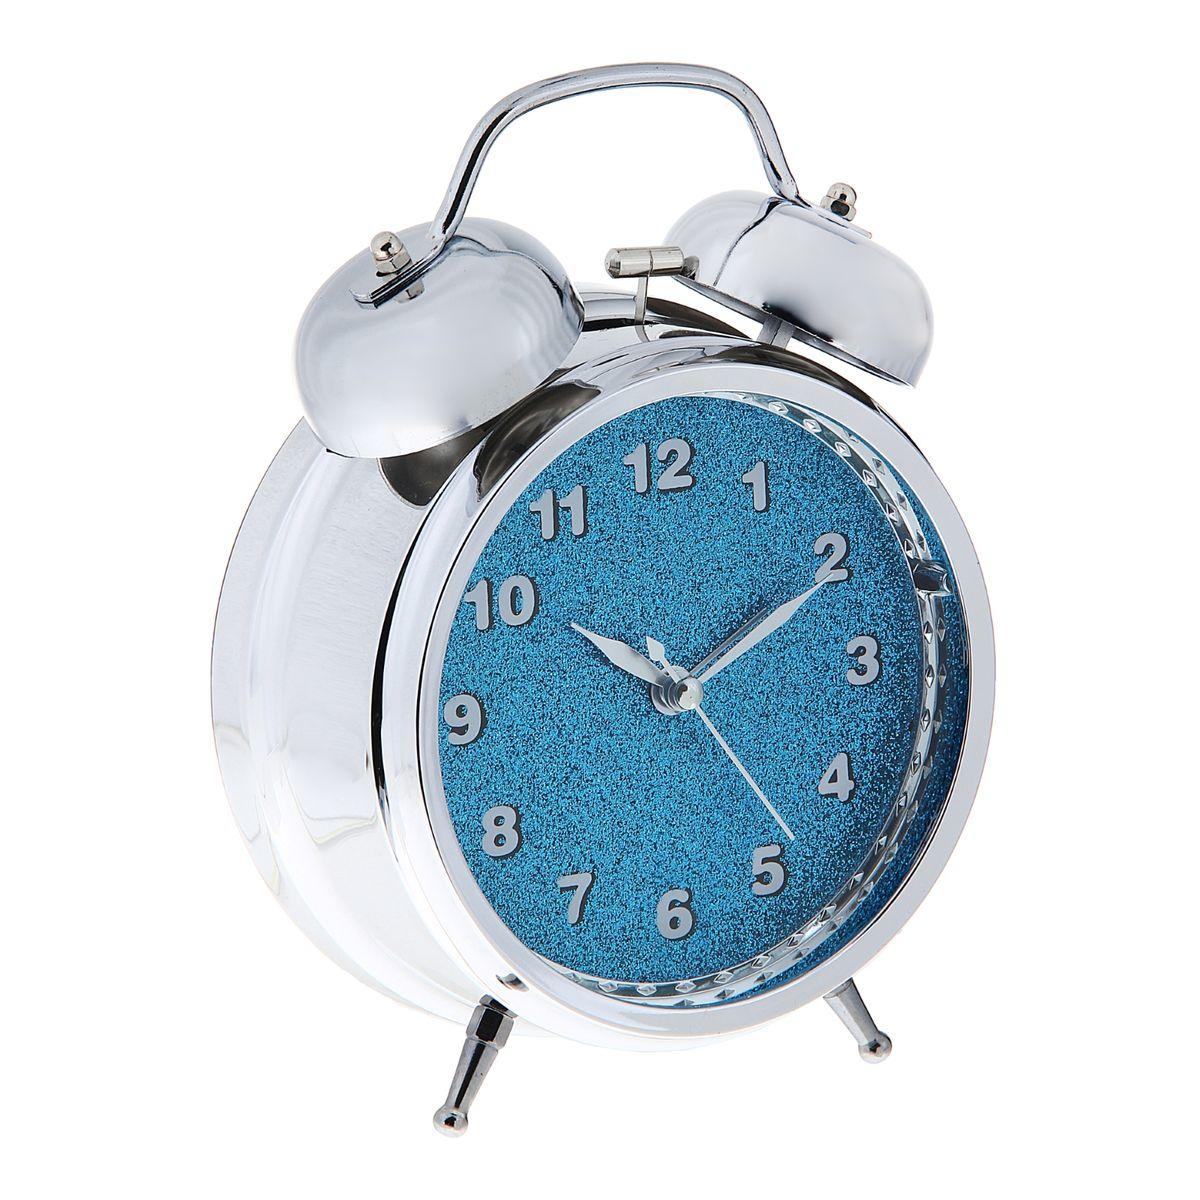 Часы-будильник Sima-land, цвет: серебристый, синий. 10564191056419Как же сложно иногда вставать вовремя! Всегда так хочется поспать еще хотя бы 5 минут и бывает, что мы просыпаем. Теперь этого не случится! Яркий, оригинальный будильник Sima-land поможет вам всегда вставать в нужное время и успевать везде и всюду. Будильник украсит вашу комнату и приведет в восхищение друзей.На задней панели будильника расположены переключатель включения/выключения механизма, а также два колесика для настройки текущего времени и времени звонка будильника. Также будильник оснащен кнопкой, при нажатии и удержании которой подсвечивается циферблат.Будильник работает от 3 батареек типа АА (не входят в комплект).